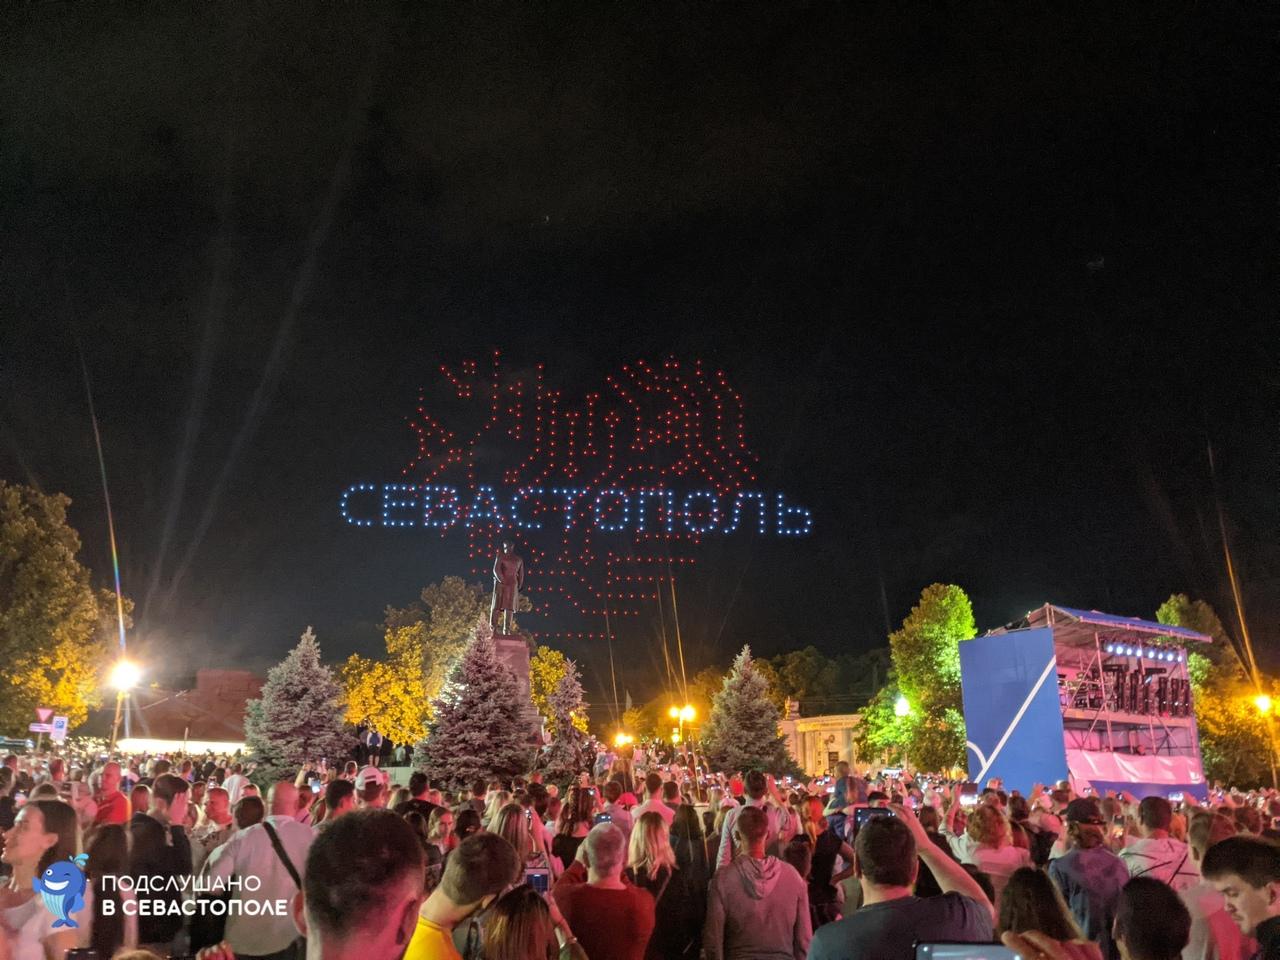 День города в Севастополе отметили световым шоу дронов (видео)